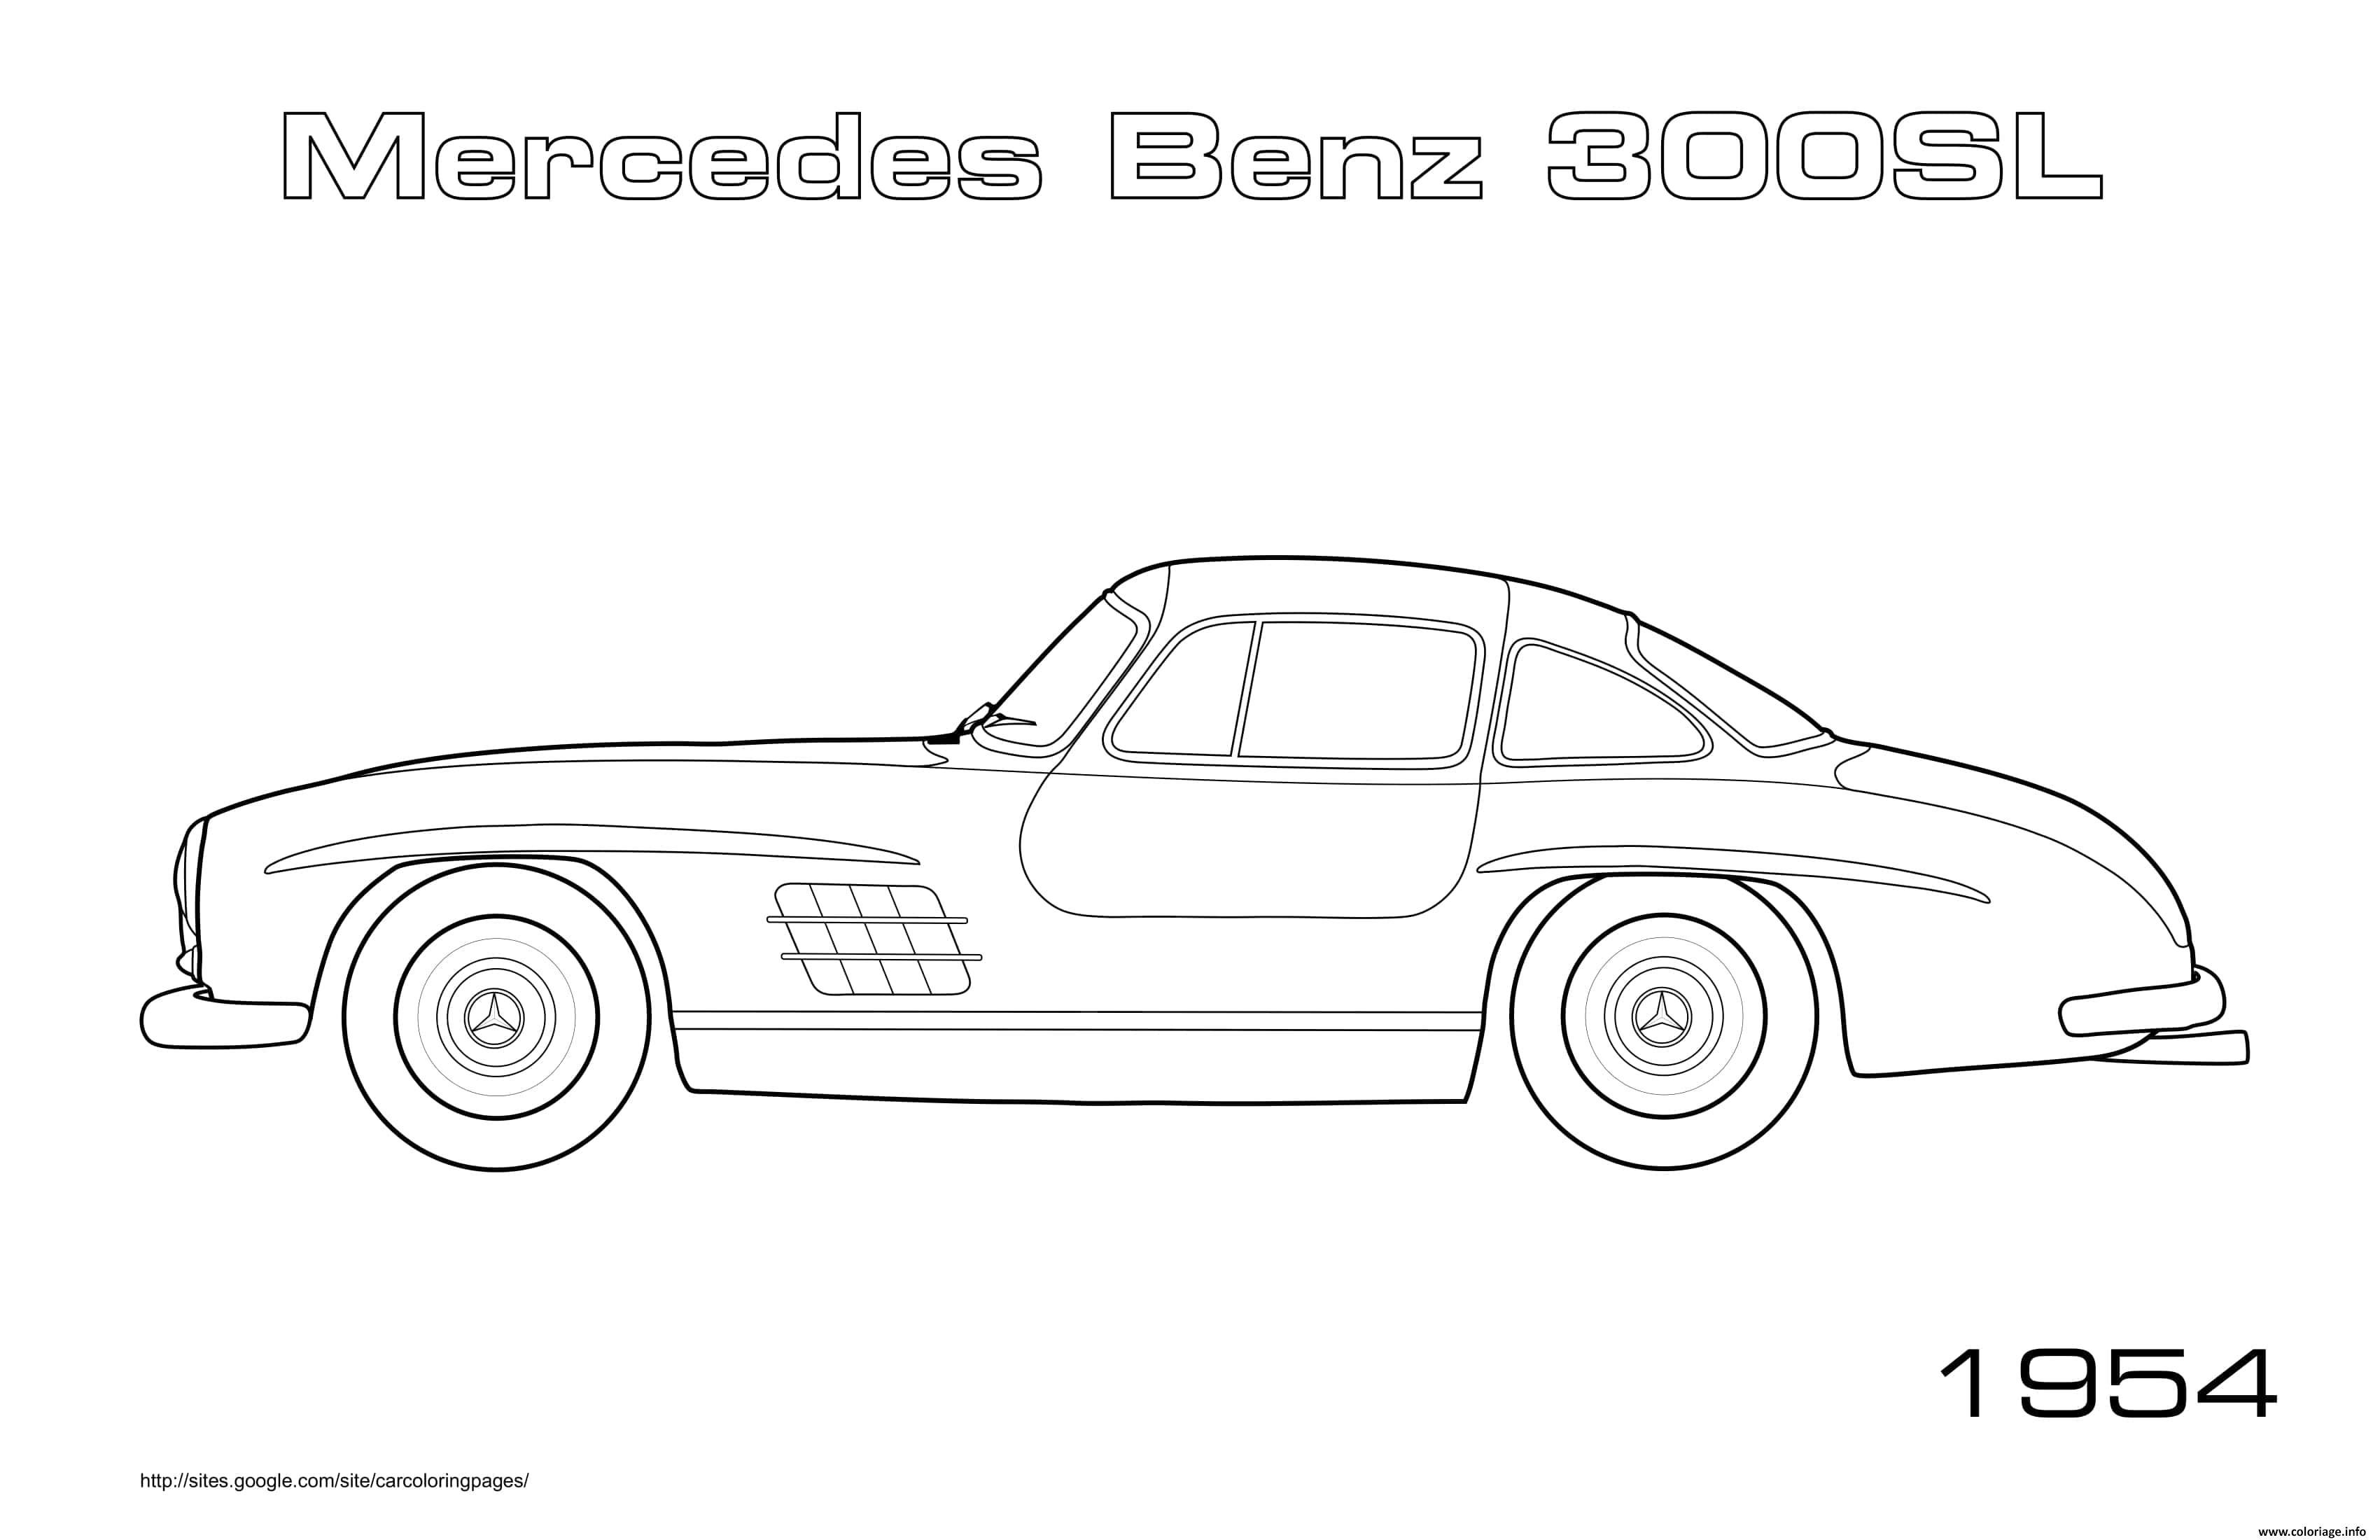 Dessin Old Car Mercedes Benz 300sl 1954 Coloriage Gratuit à Imprimer